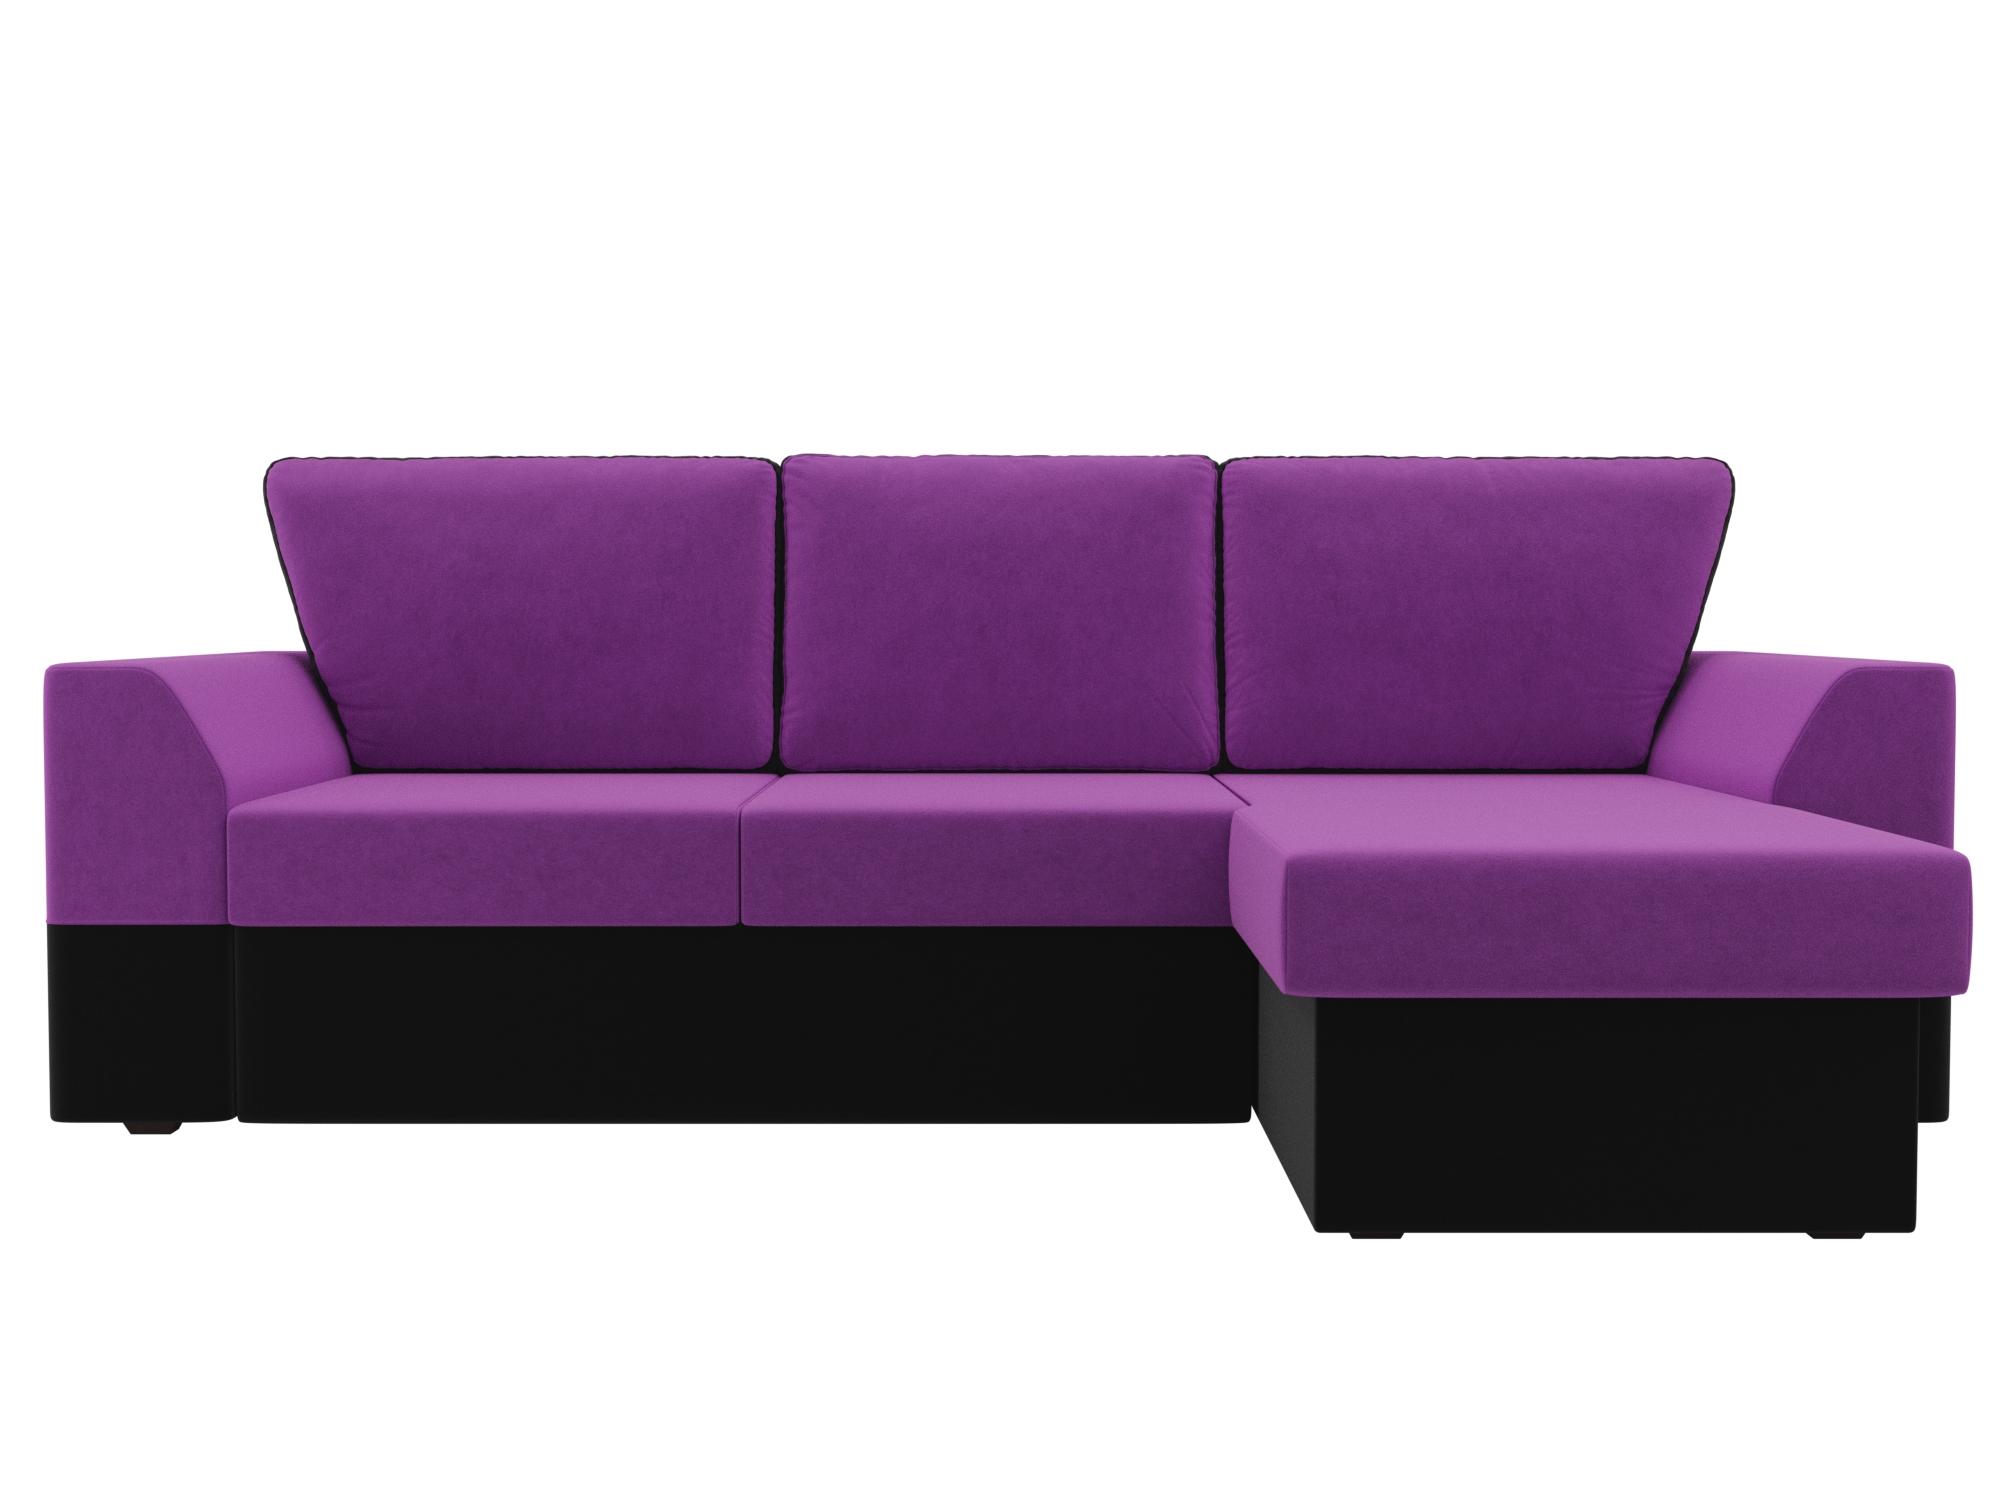 Угловой диван Морган Правый MebelVia Фиолетовый, Черный